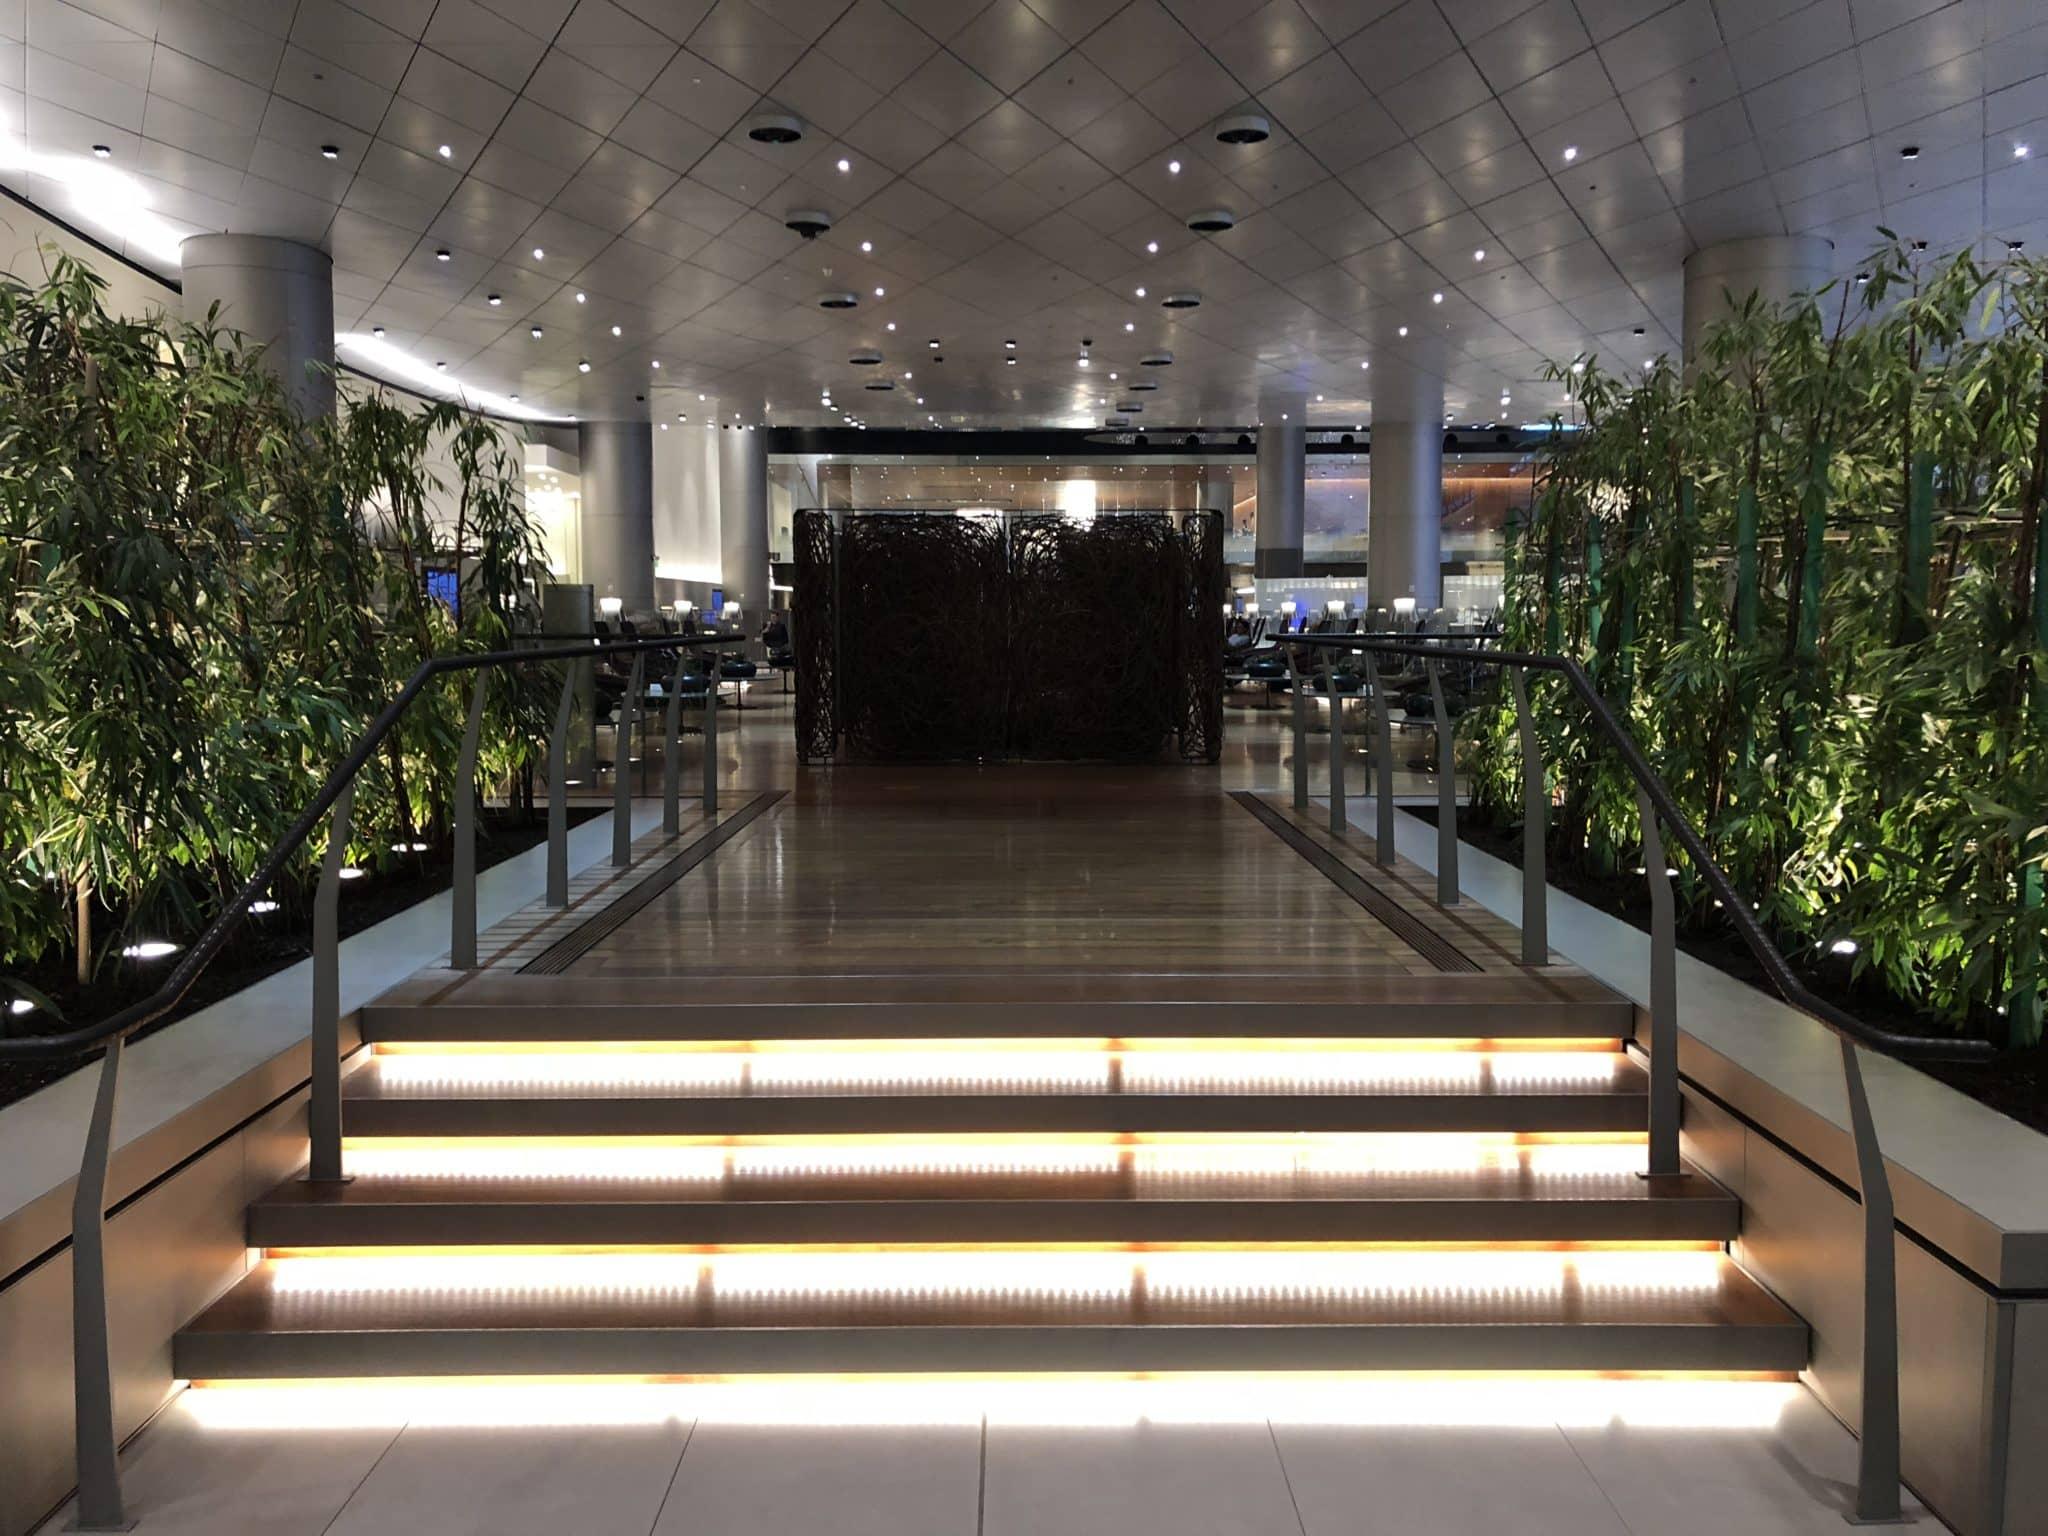 Qatar Airways Al Mourjan Business Class Lounge Treppen zum mittleren Bereich